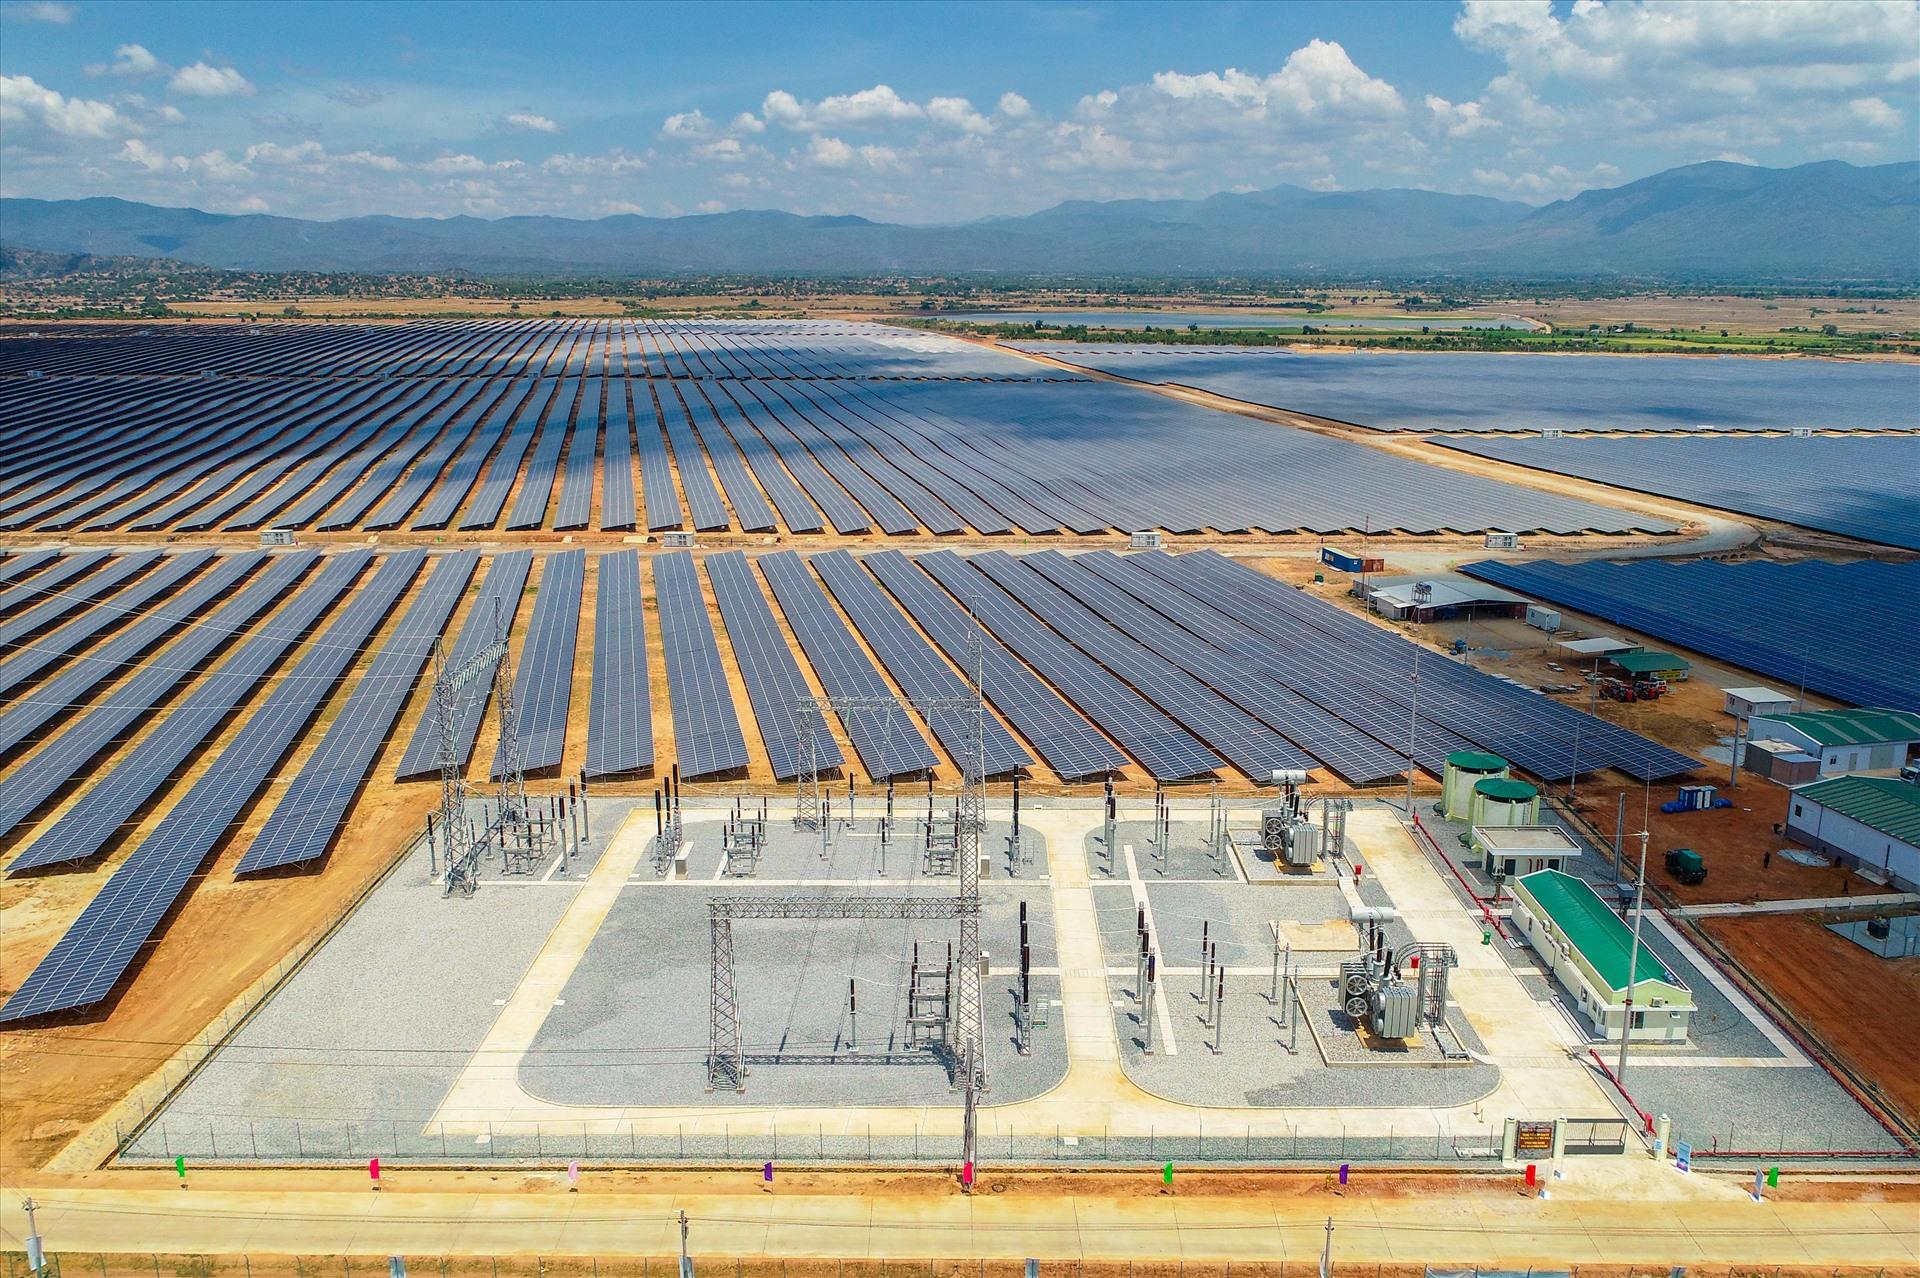 Cụm nhà máy điện mặt trời của BIM tại Ninh Thuận sản xuất khoảng 600 triệu kwh/năm, phục vụ gần 200.000 hộ dân, giảm thải gần 304.400 tấn CO2 mỗi năm